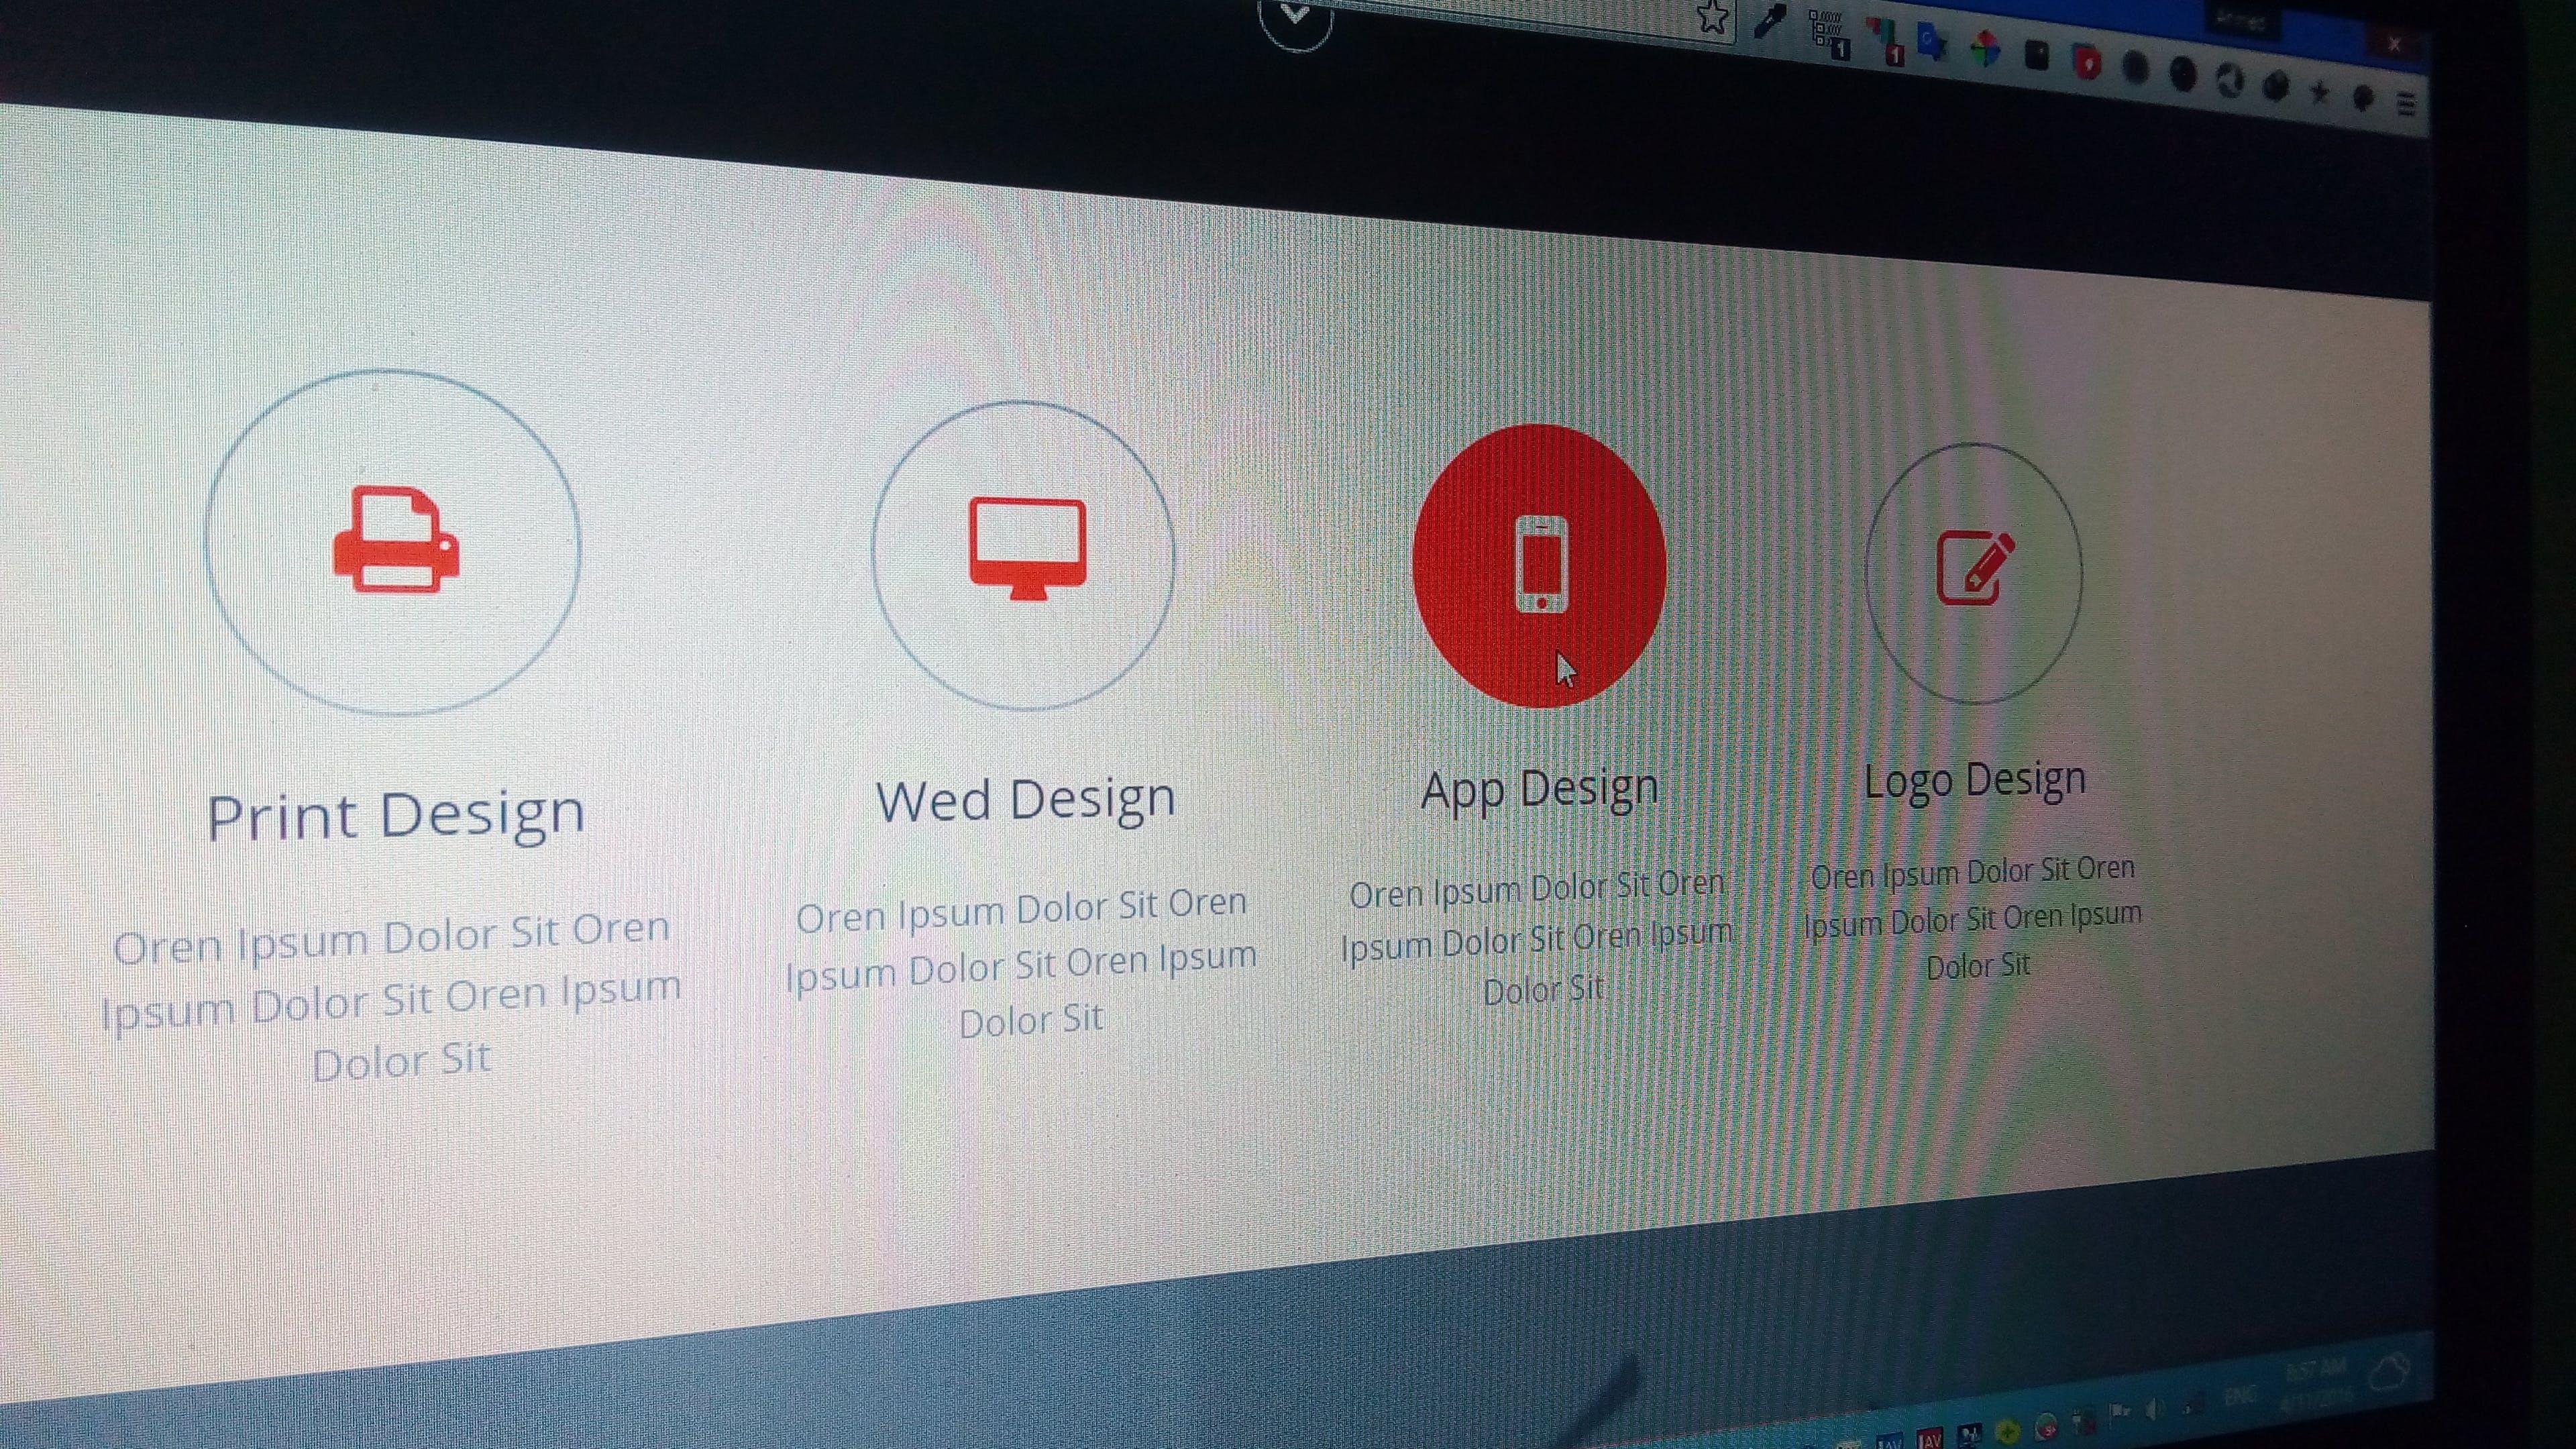 Gratis stockfoto met app ontwerp, code, coders, logo ontwerp